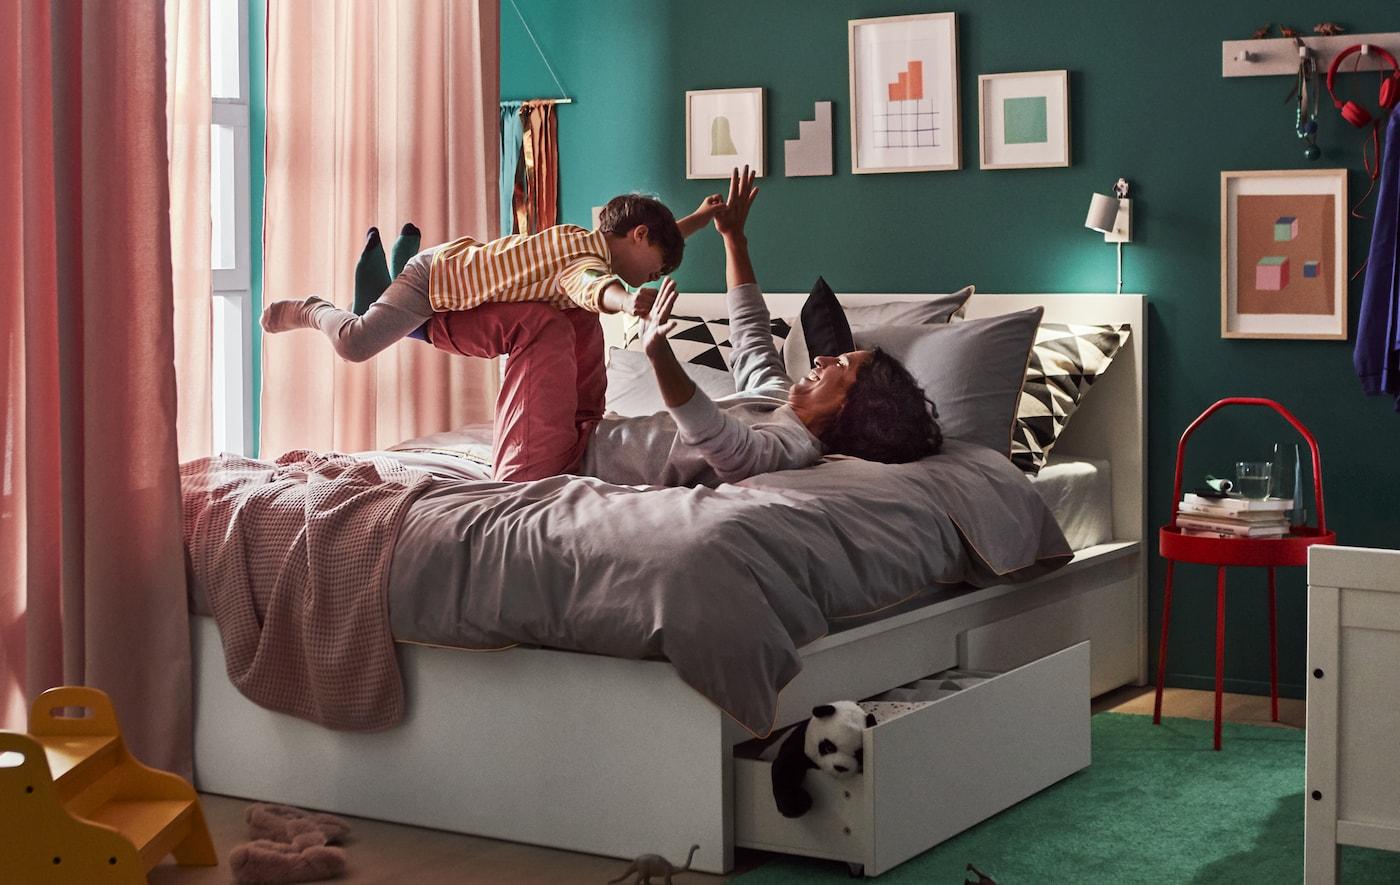 Mutter und Kind spielen auf einem Doppelbett mit viel Stauraum in zwei Schubladen unter dem Bett